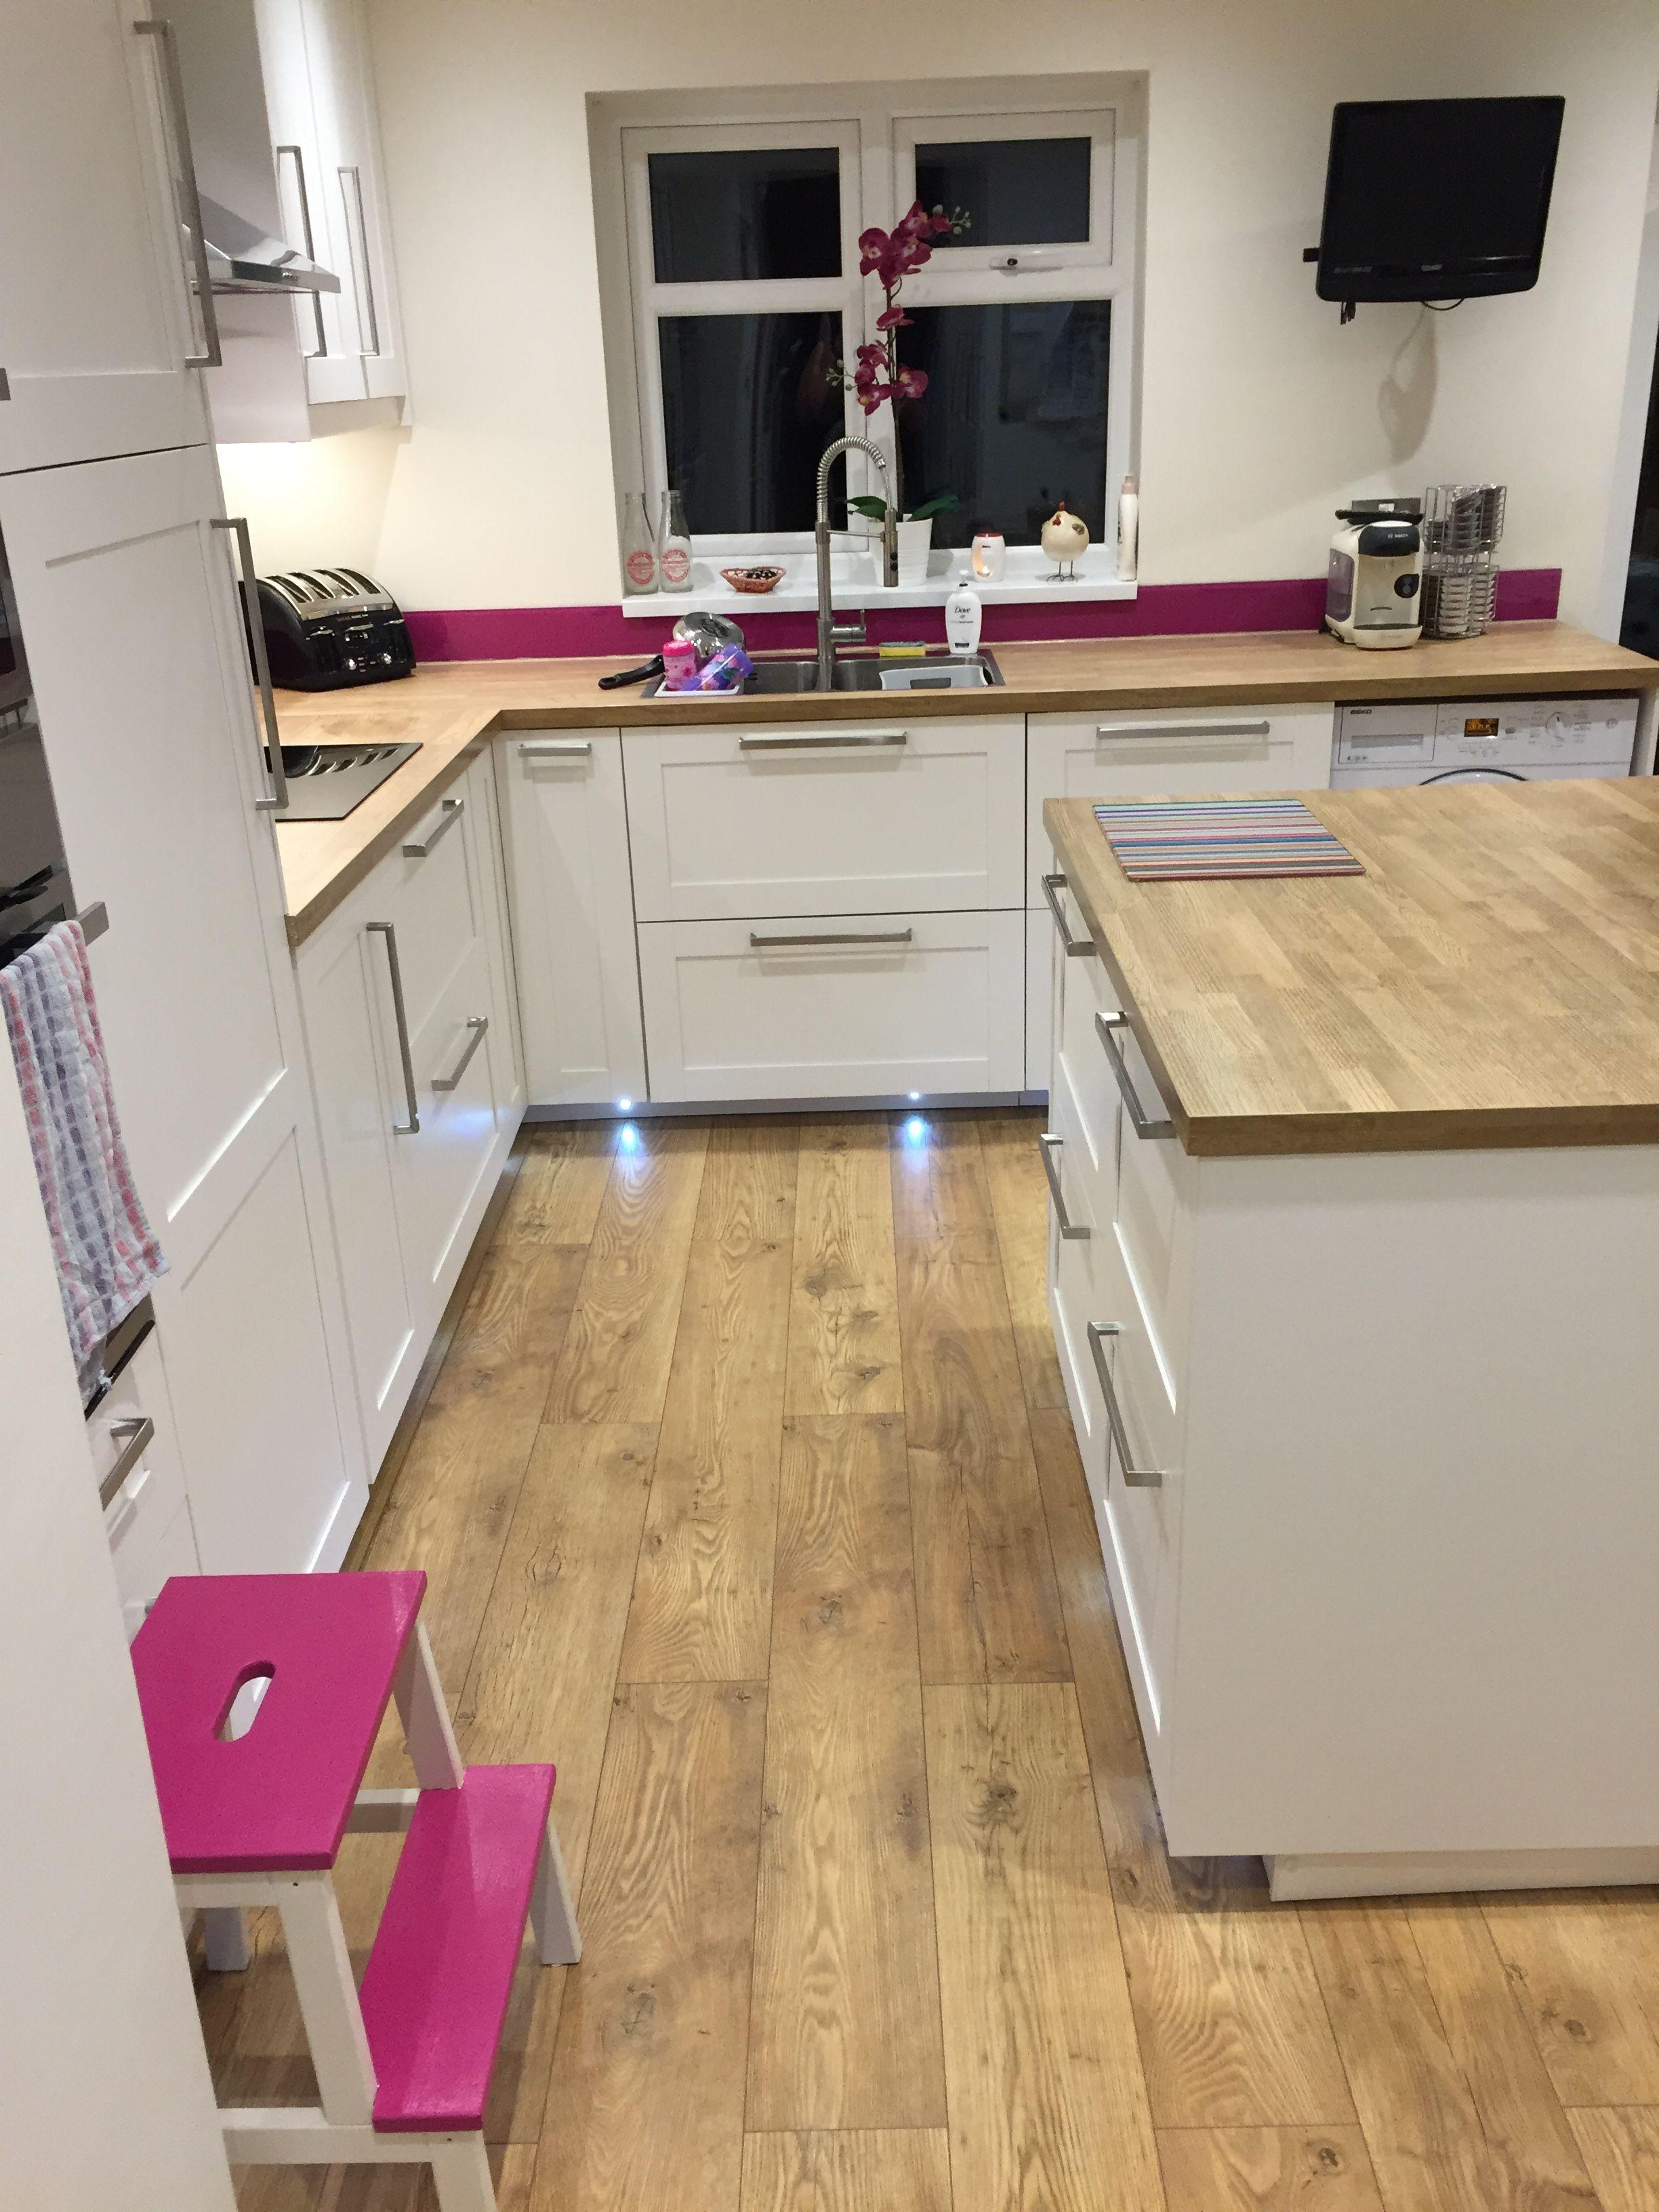 ikea savedal kitchen cuisines en 2018 pinterest cuisine moderne amenagement maison et. Black Bedroom Furniture Sets. Home Design Ideas